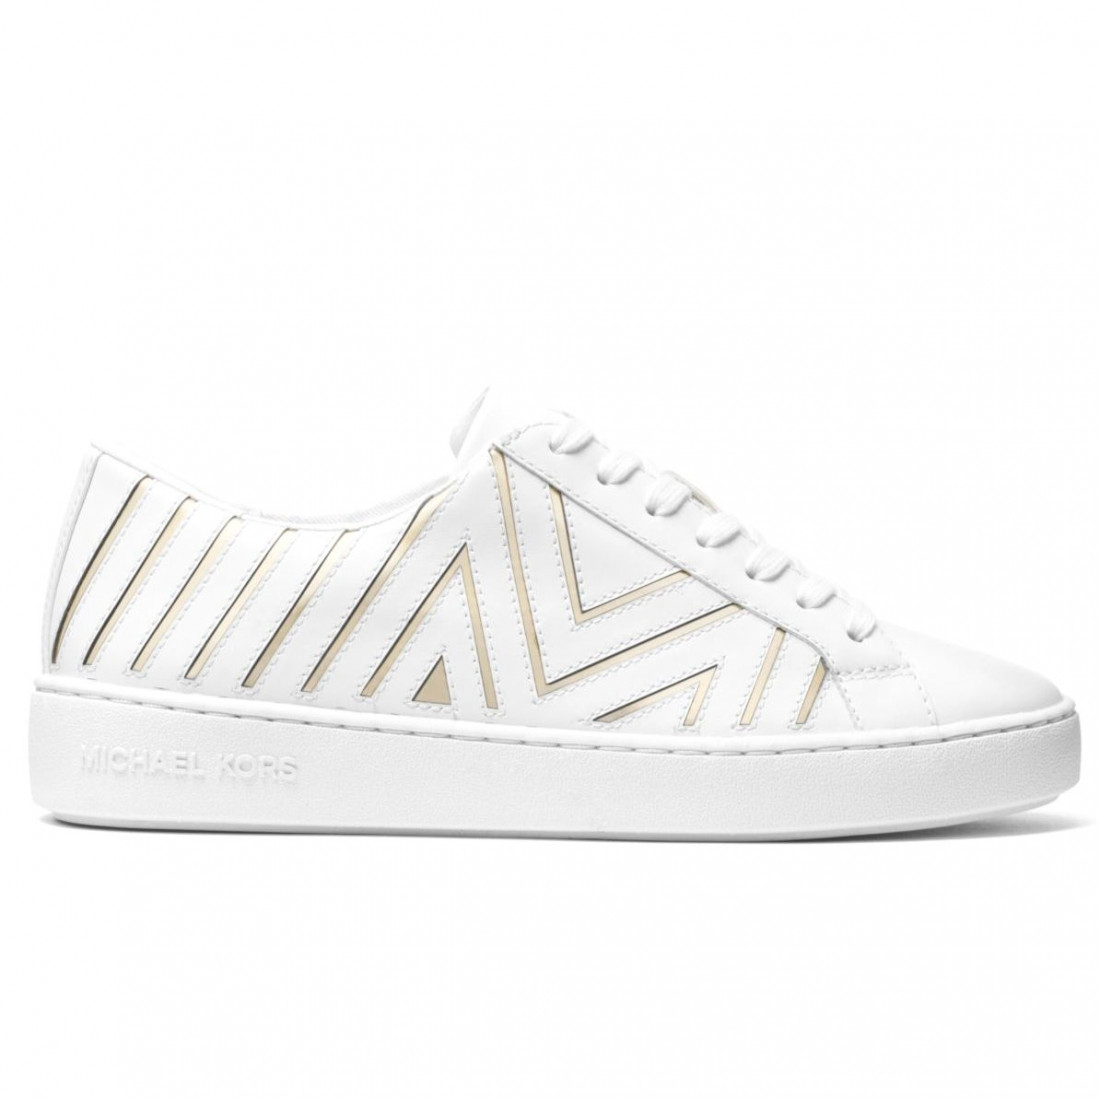 sneakers woman michael kors 43r9whfs4l751 6564